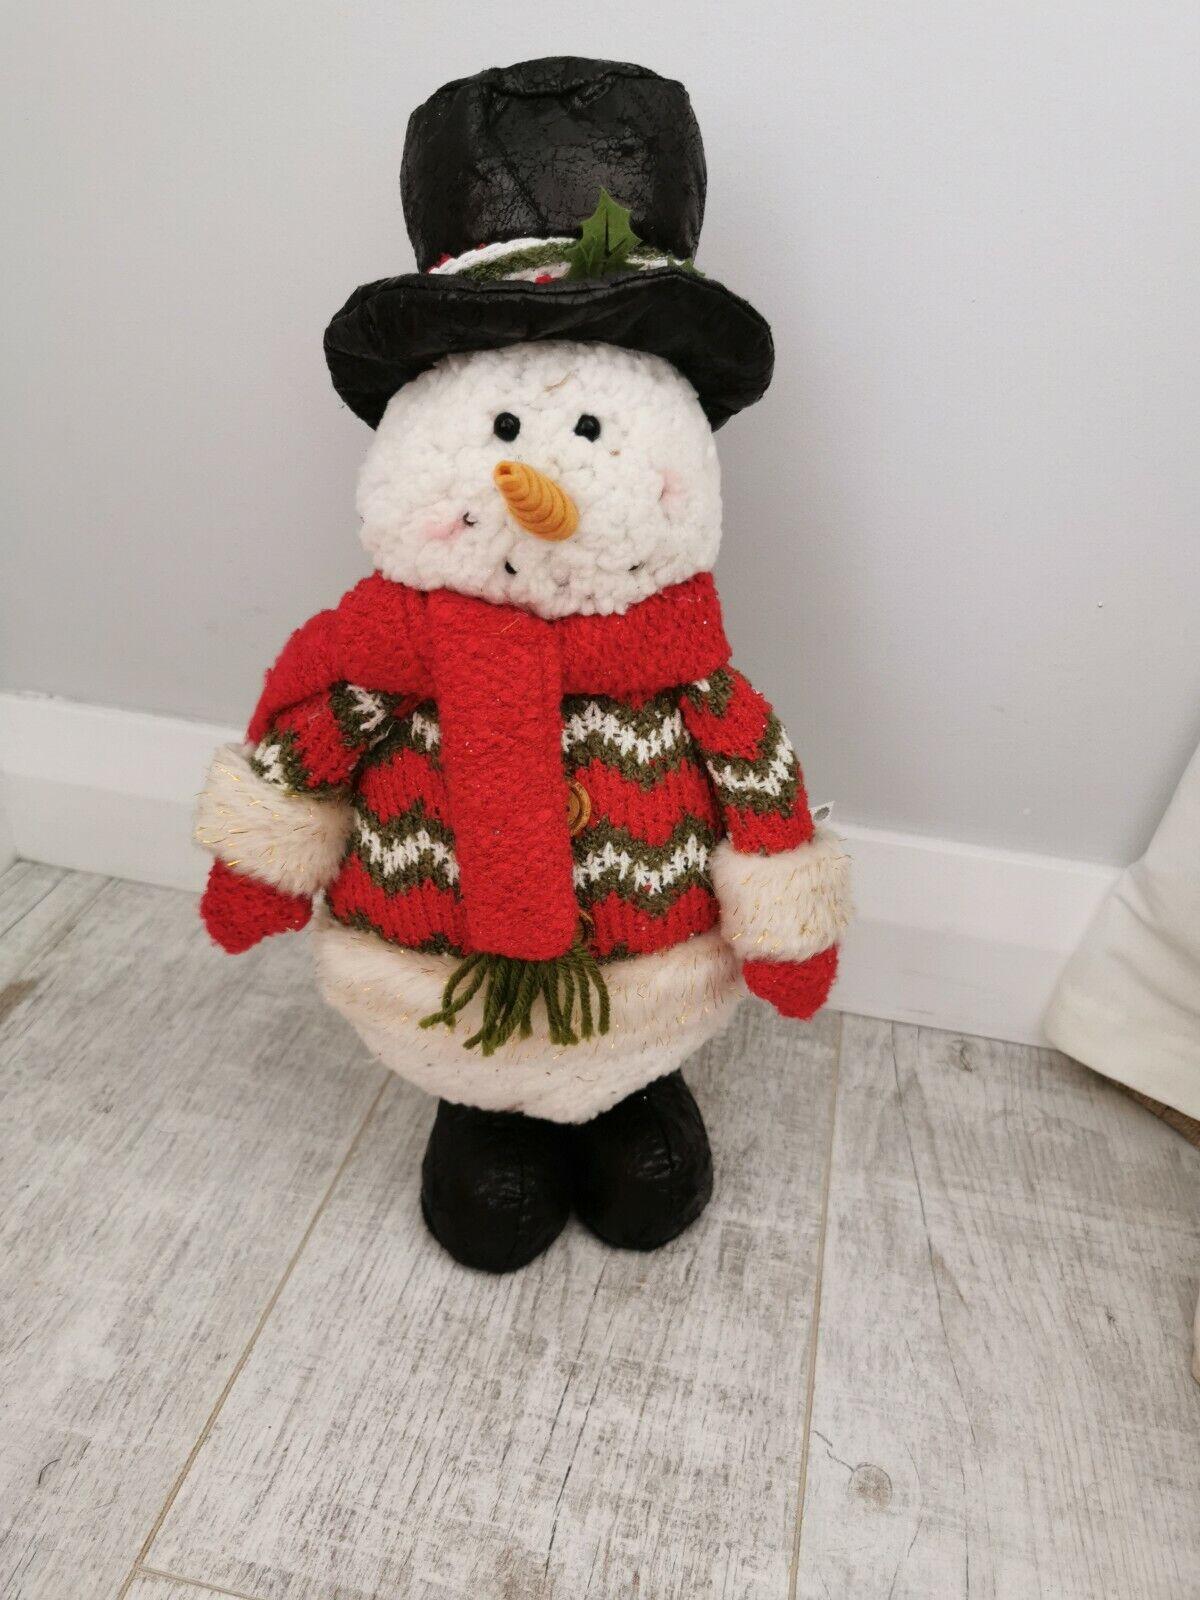 Pie Navidad Muñeco de nieve 30cm